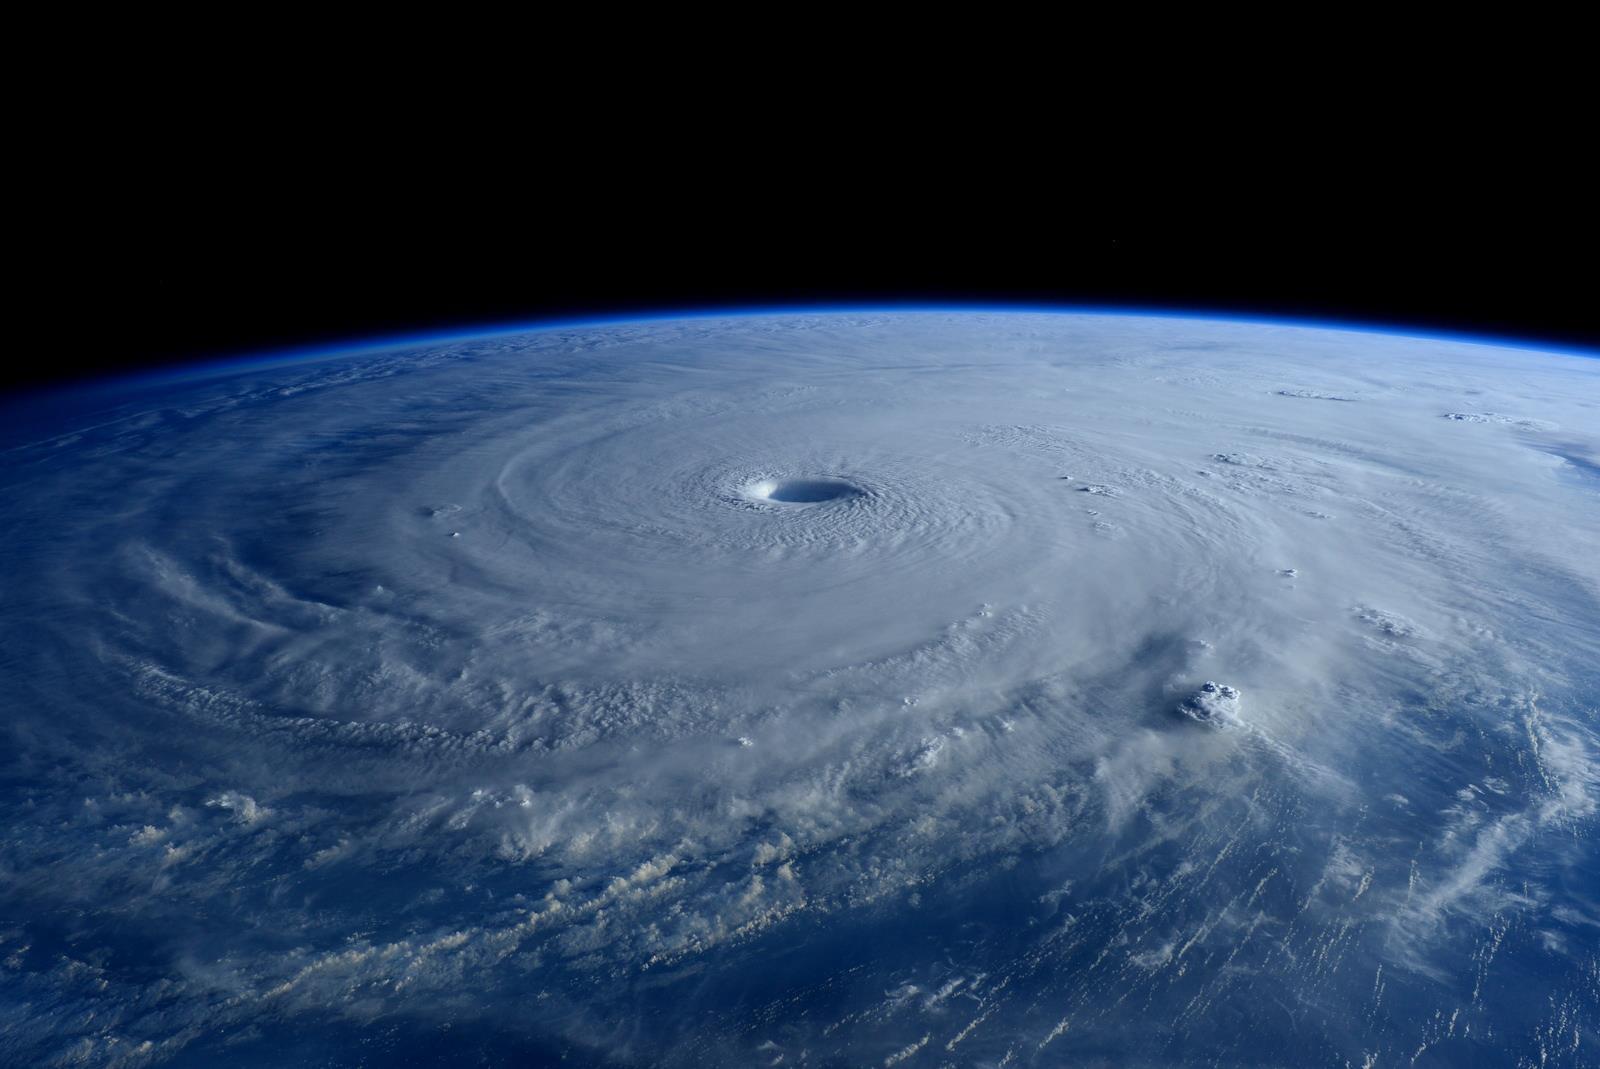 Mắt siêu bão Maysak từ Trạm Không gian Quốc tế (ISS) ngày 31/3 vừa qua. Tác giả : Terry Virts/NASA/ISS.